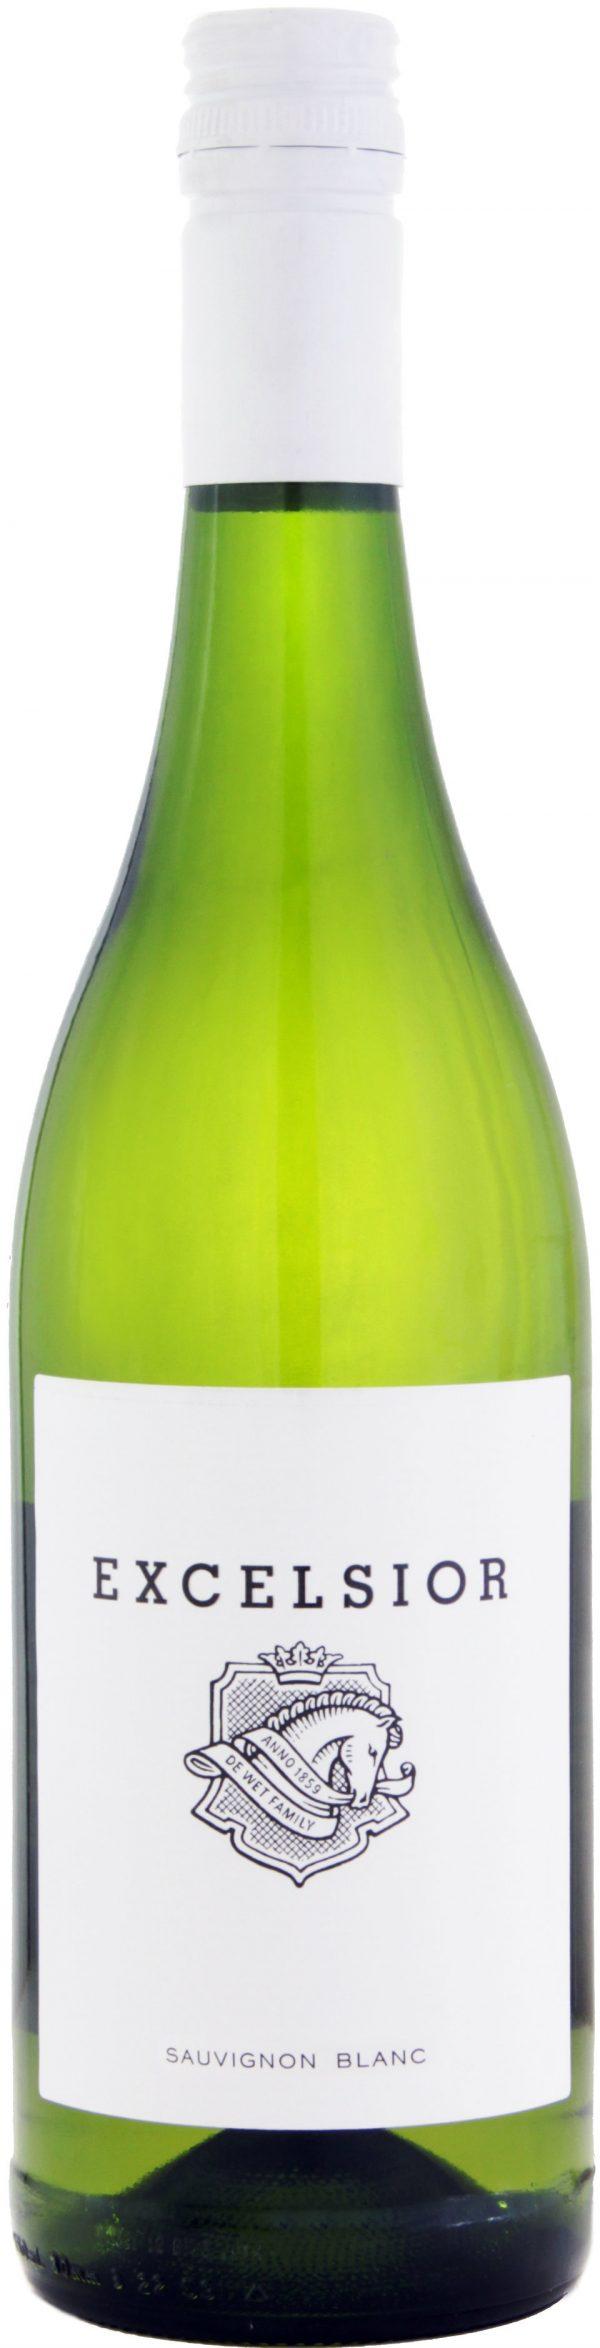 Excelsior - Sauvignon Blanc 2019 75cl Bottle